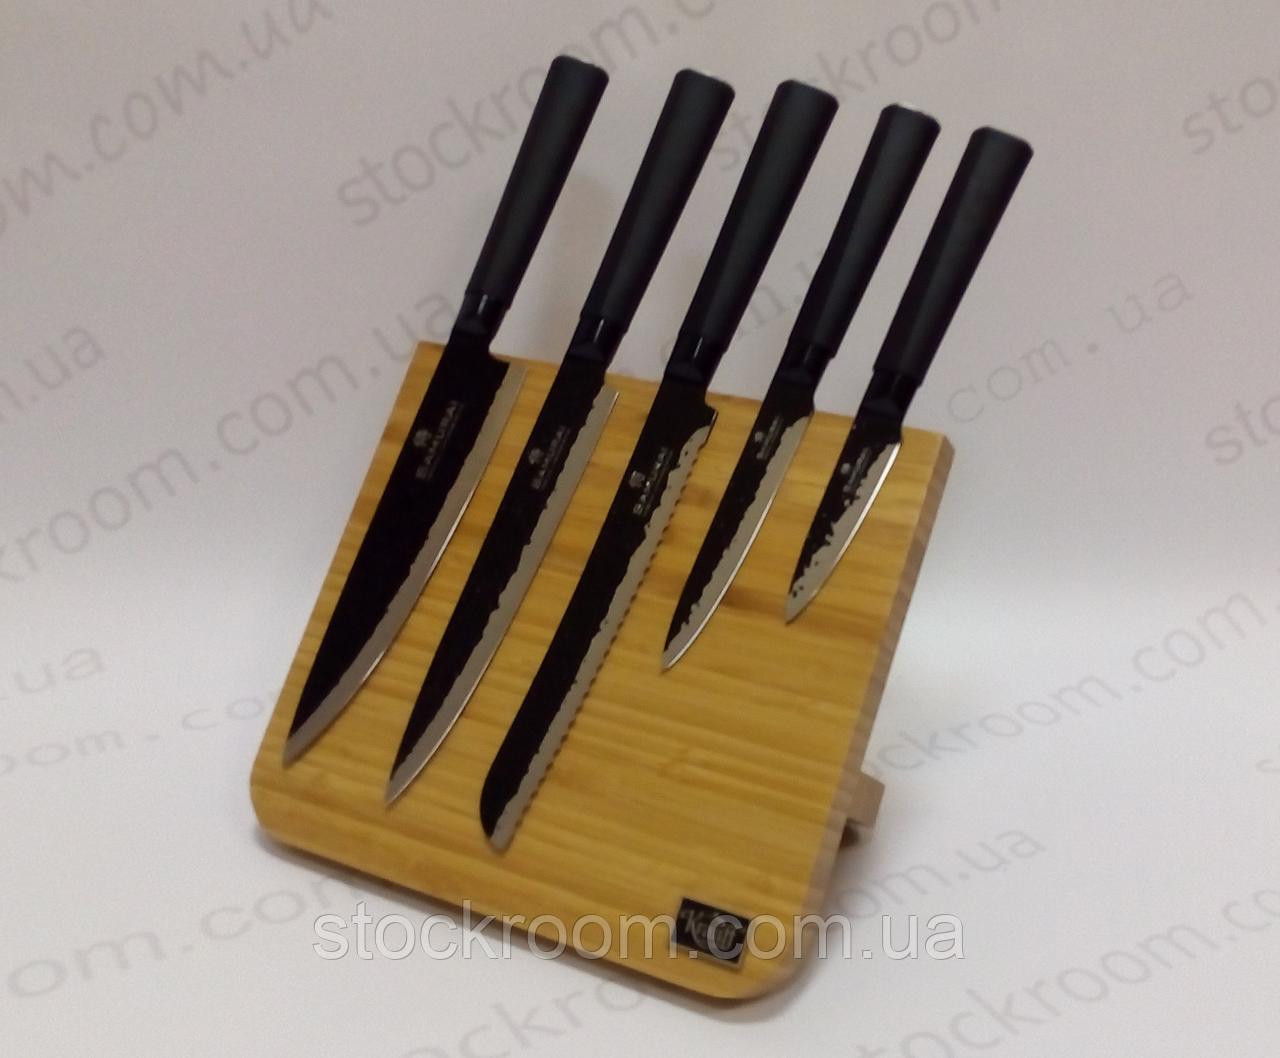 Набор ножей Krauff Samurai 29-243-008